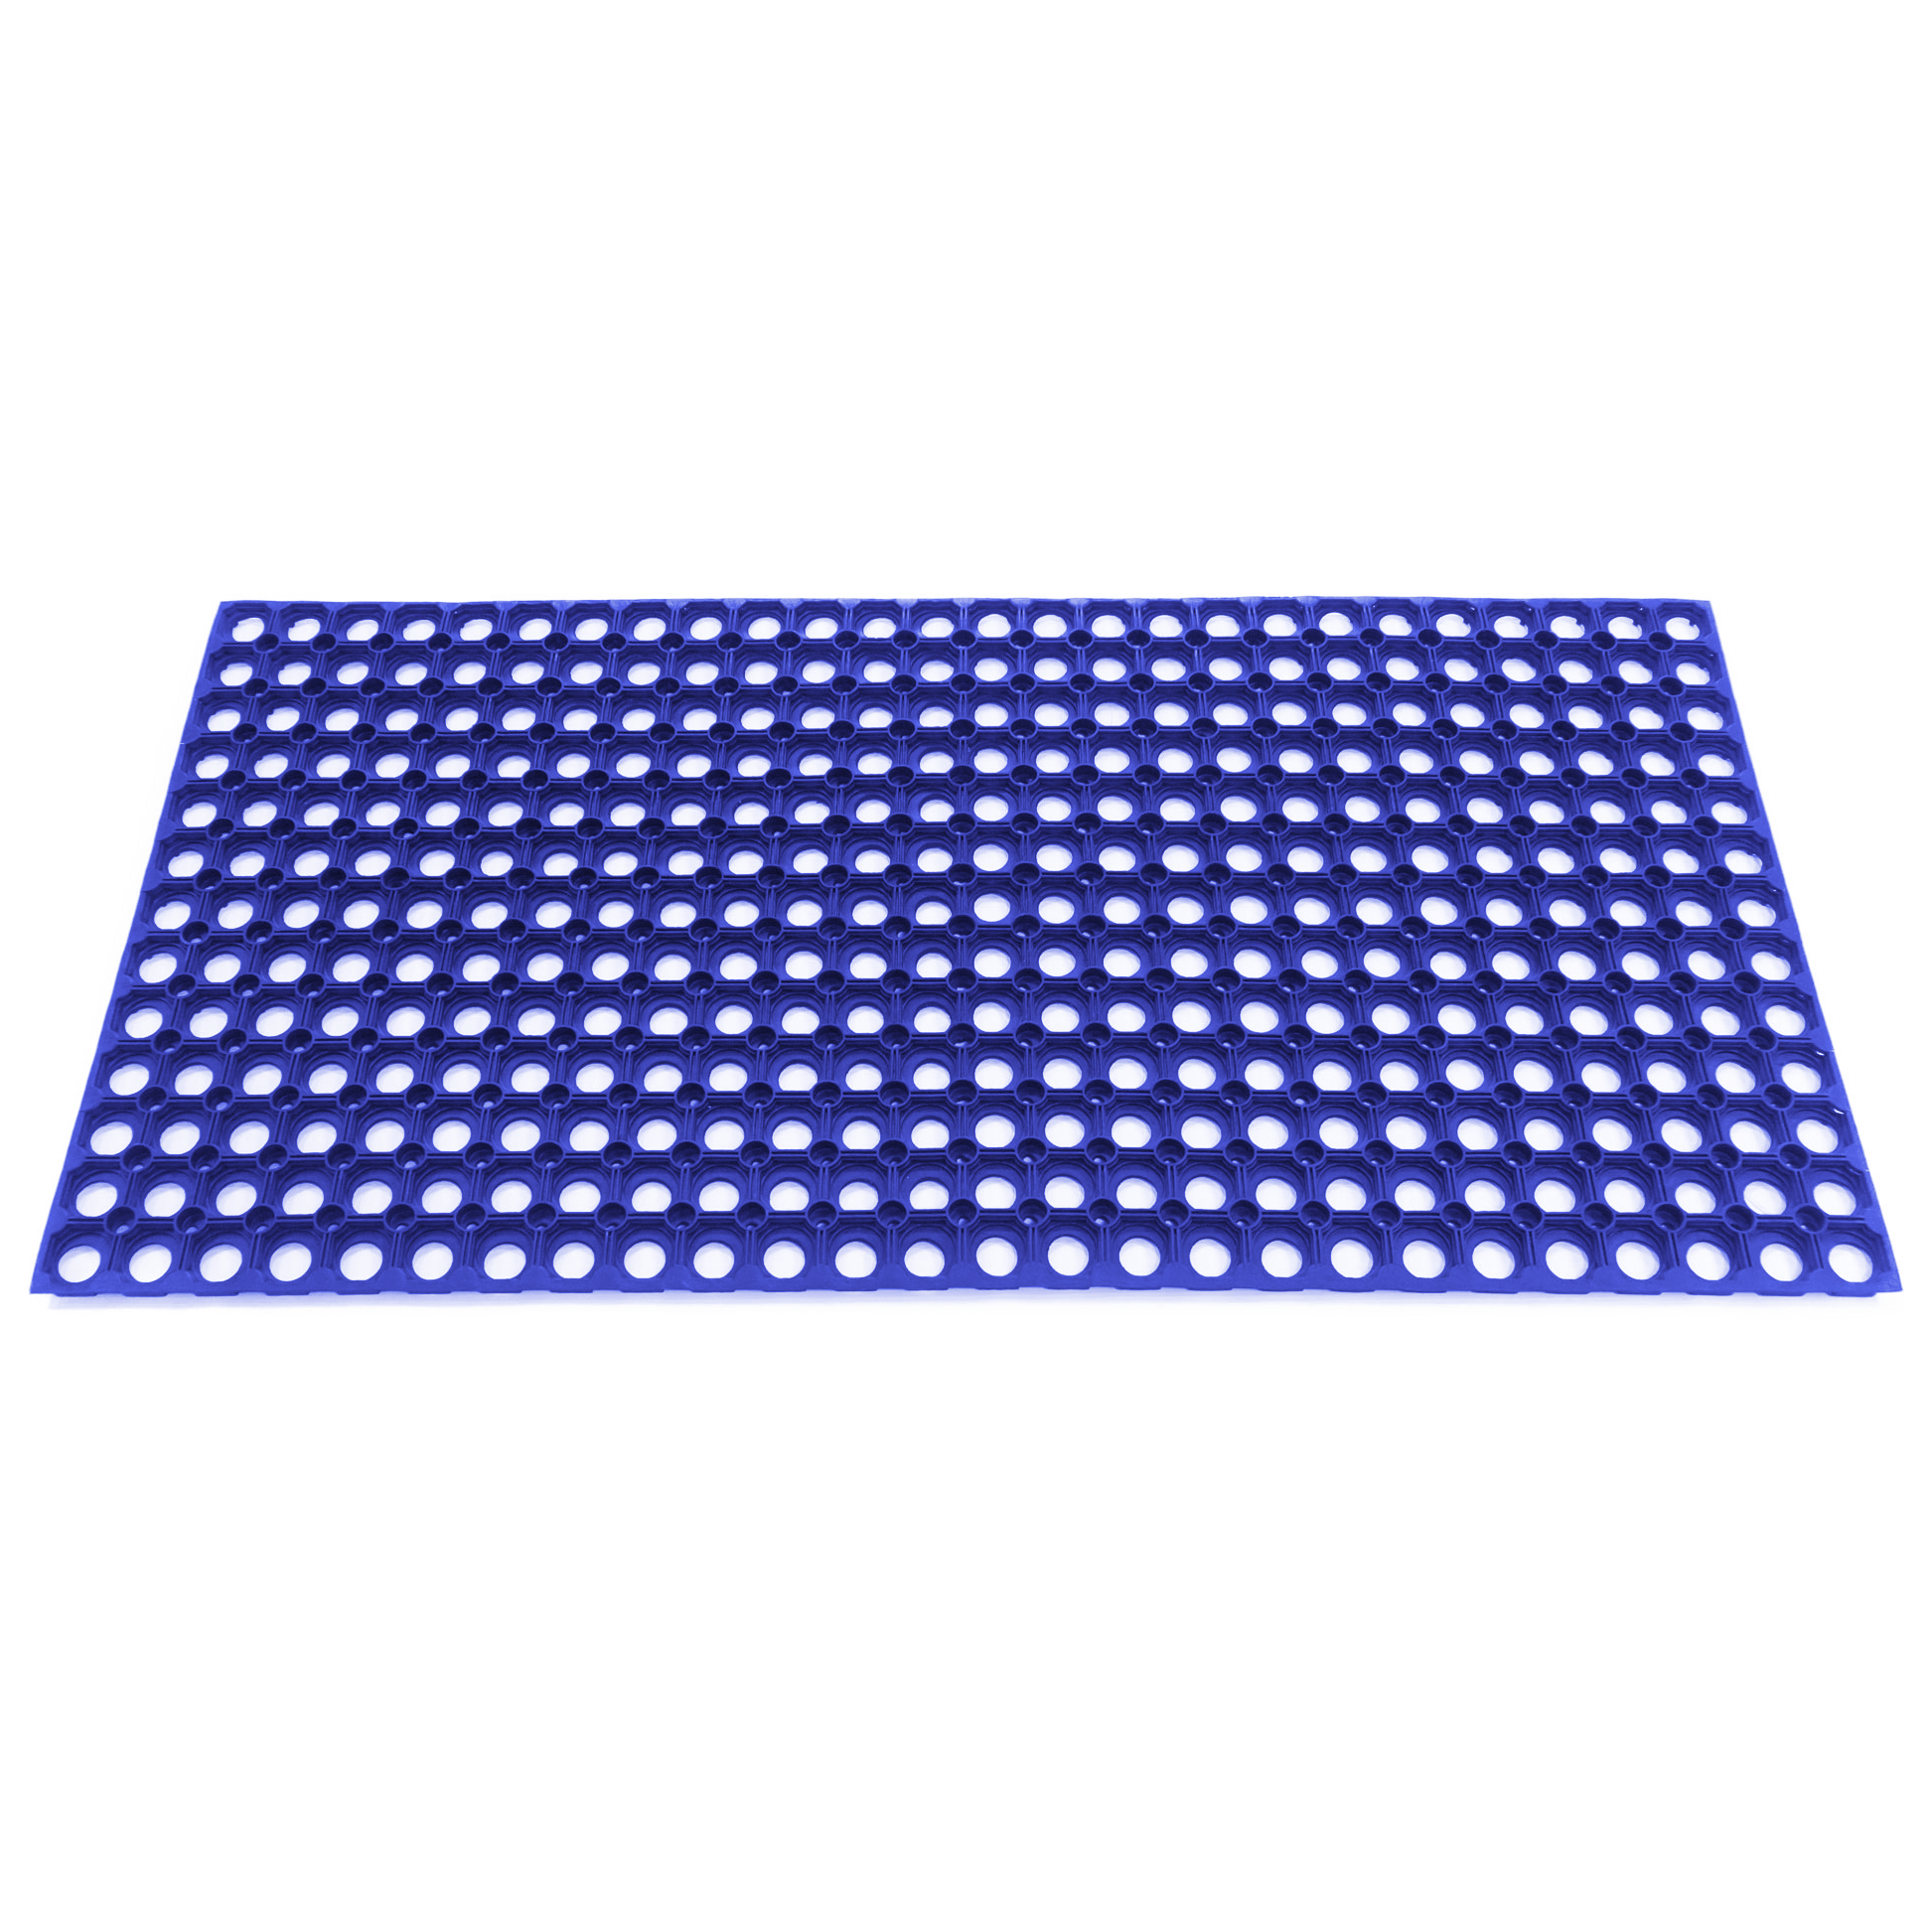 Цветной резиновый коврик со сквозными отверстиями